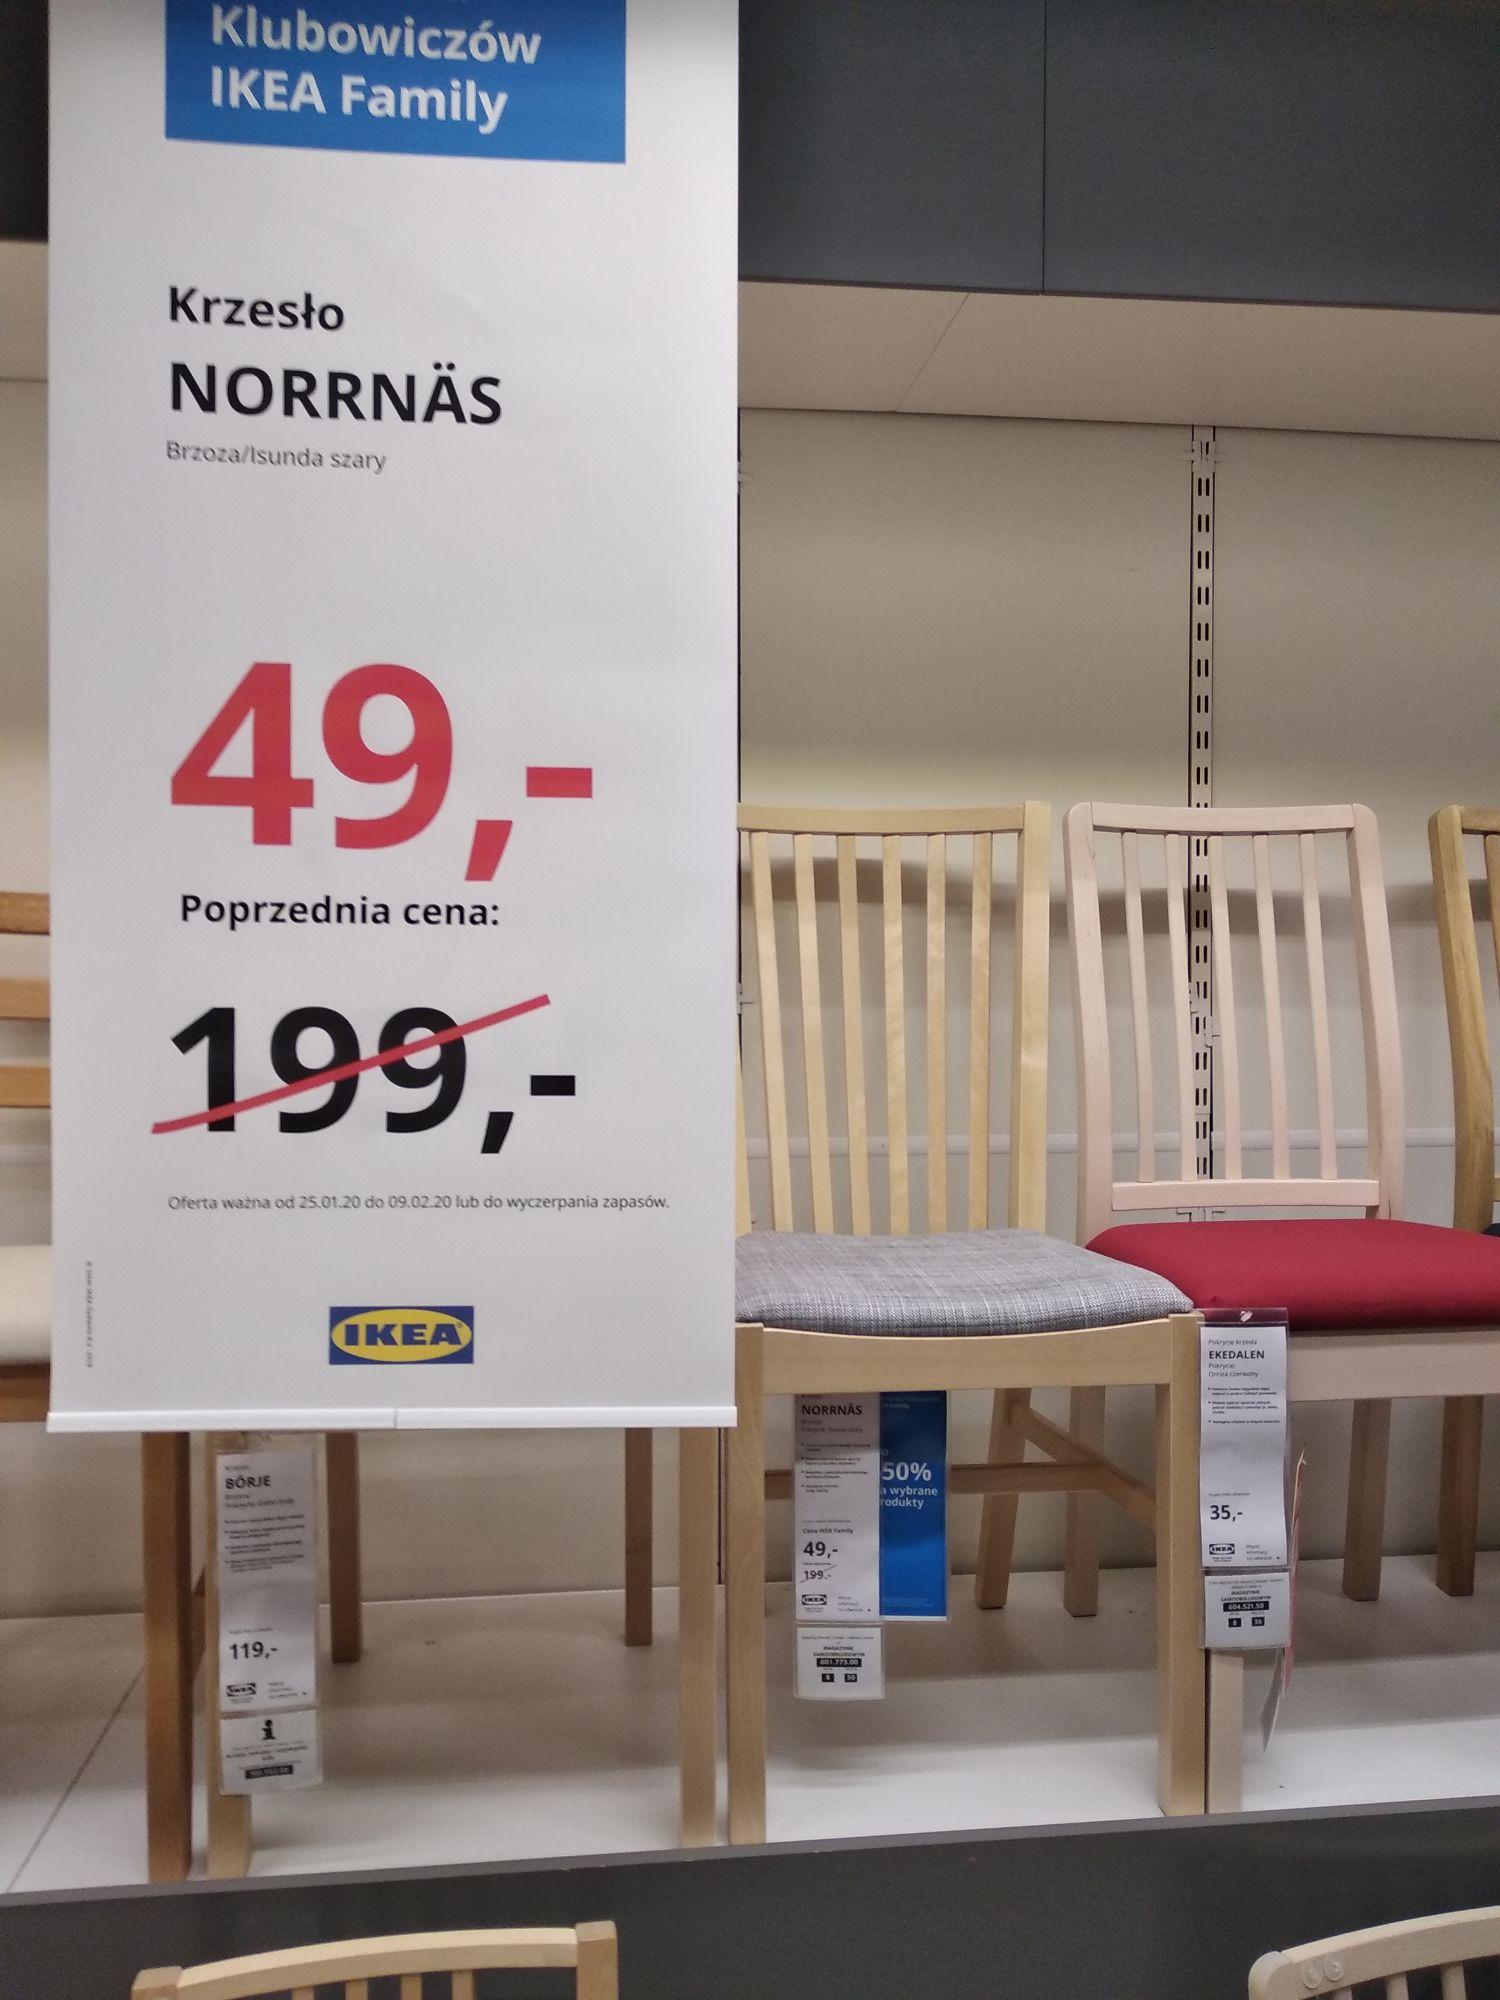 IKEA Kraków - różne rodzaje krzeseł do jadalni po 49 zł ceny z kartą IKEA FAMILY